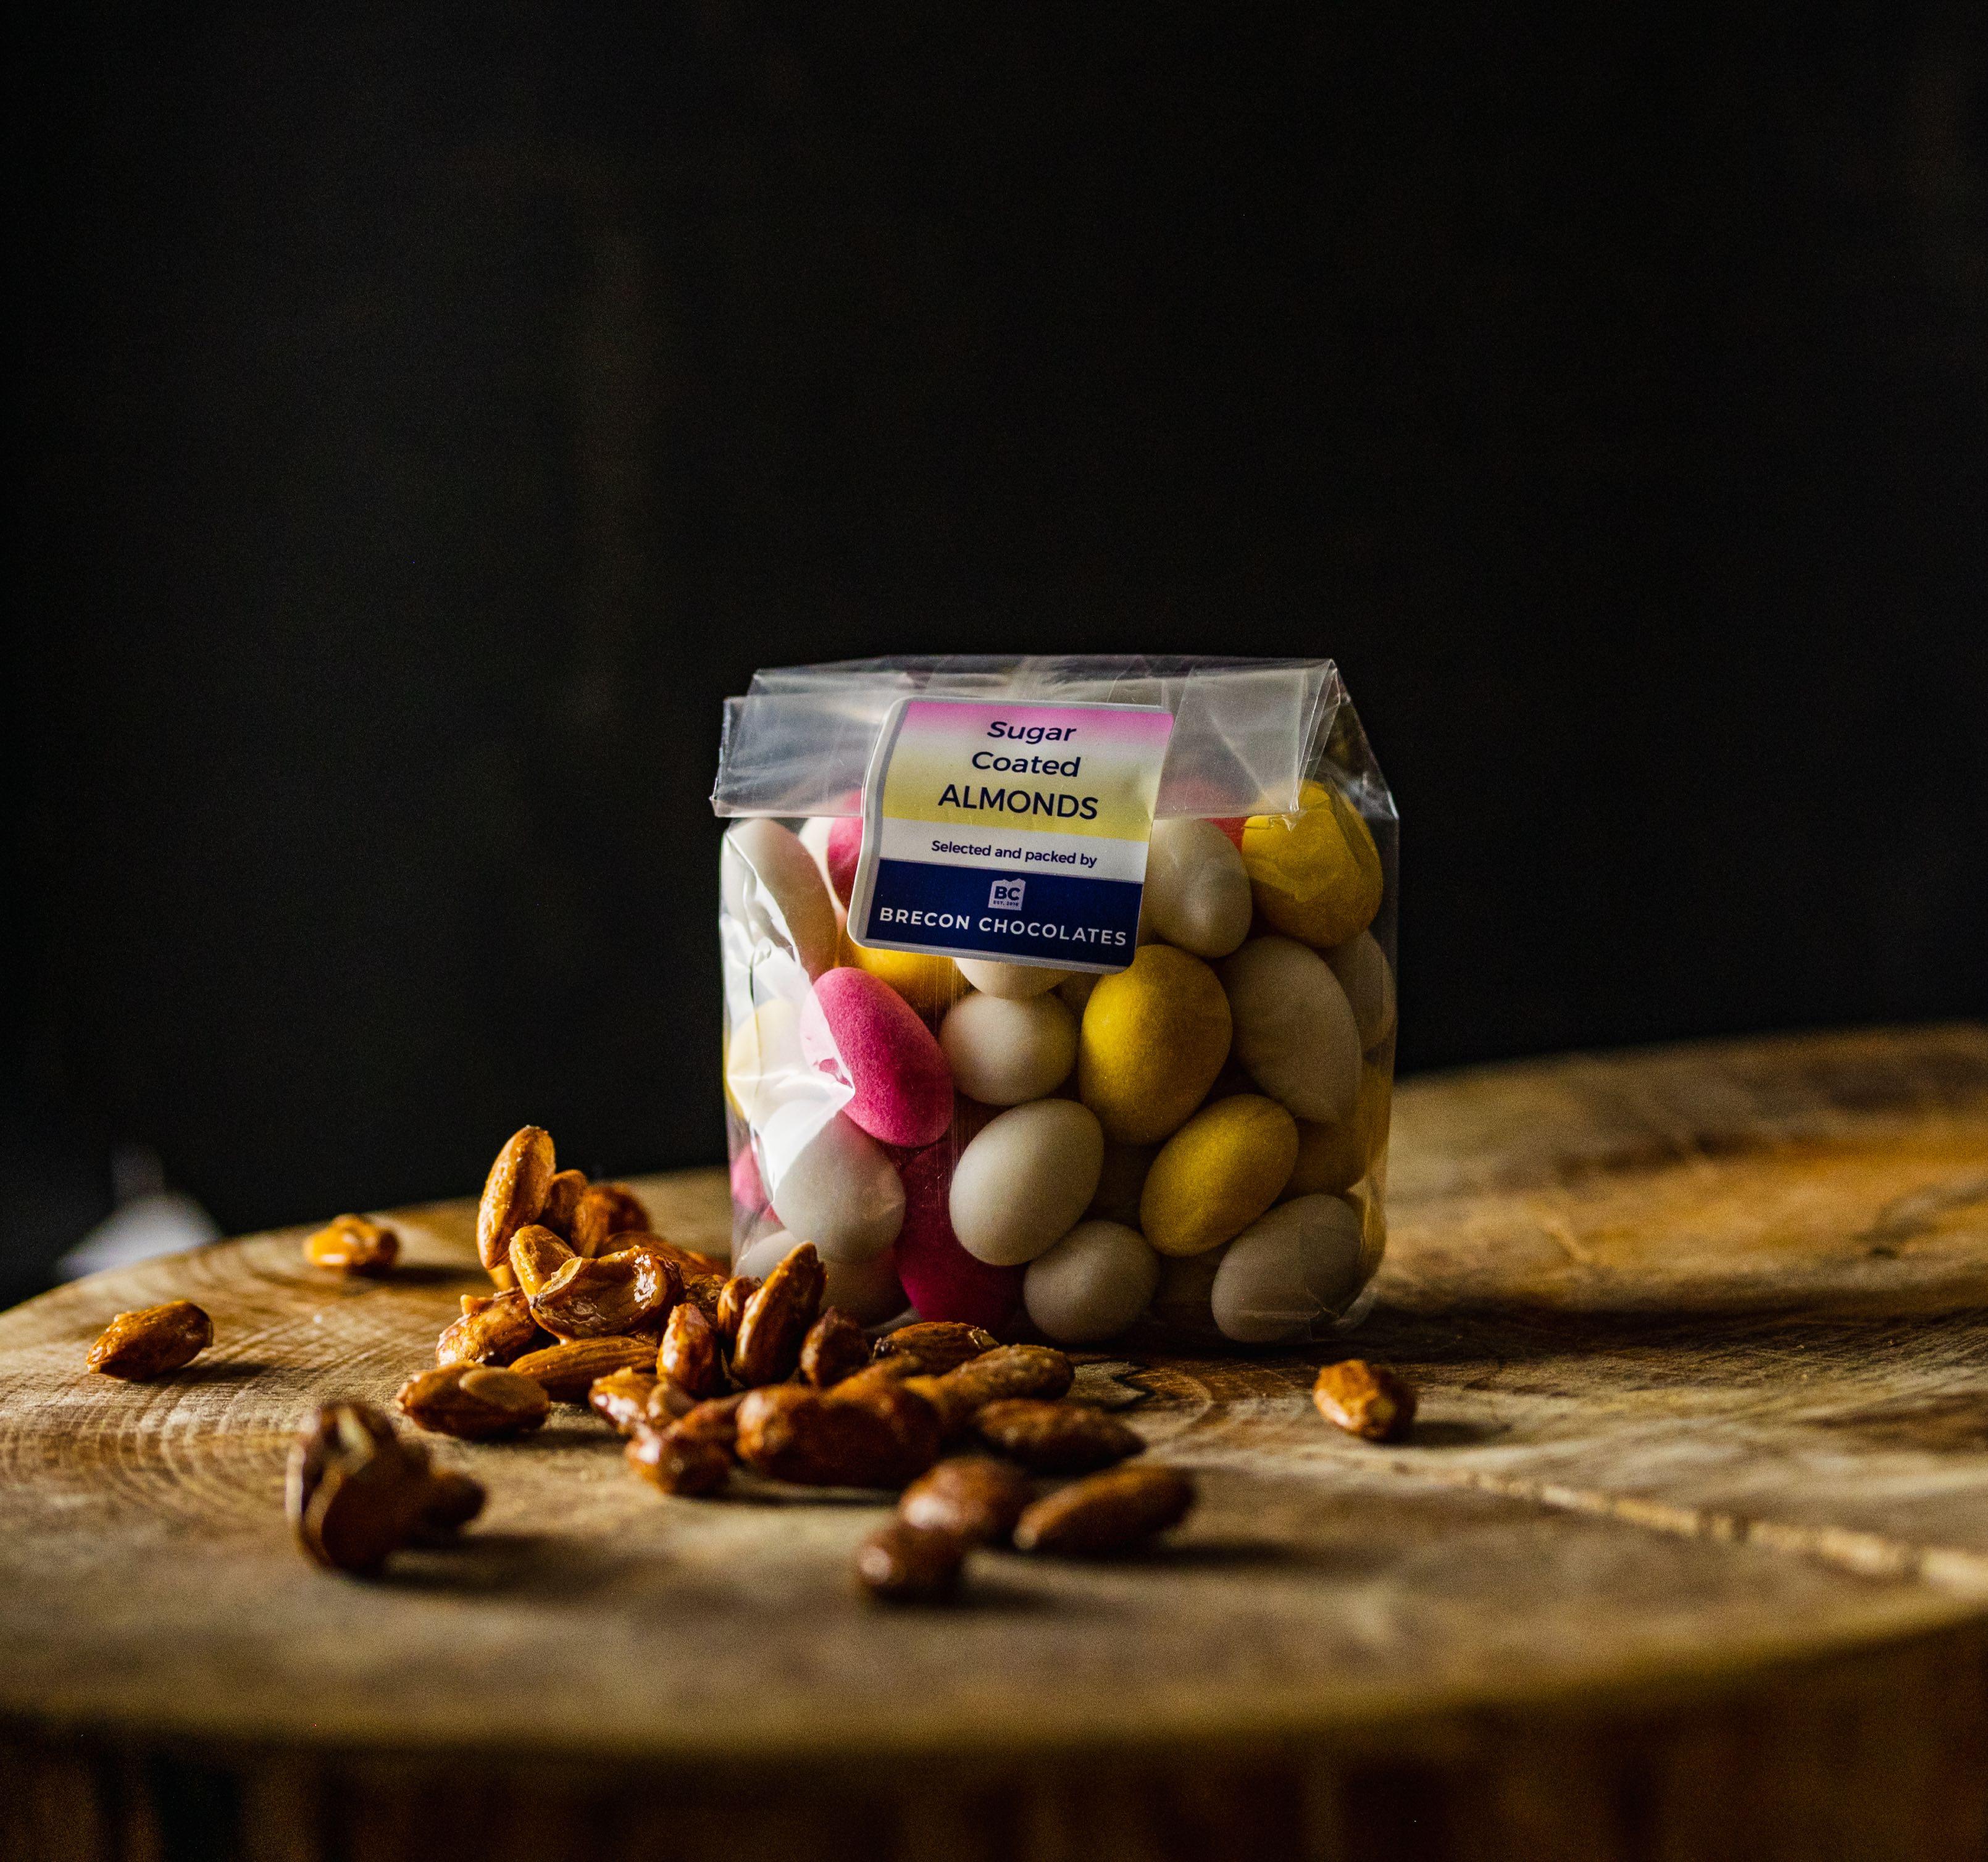 Sugared Almonds. 200g bag.